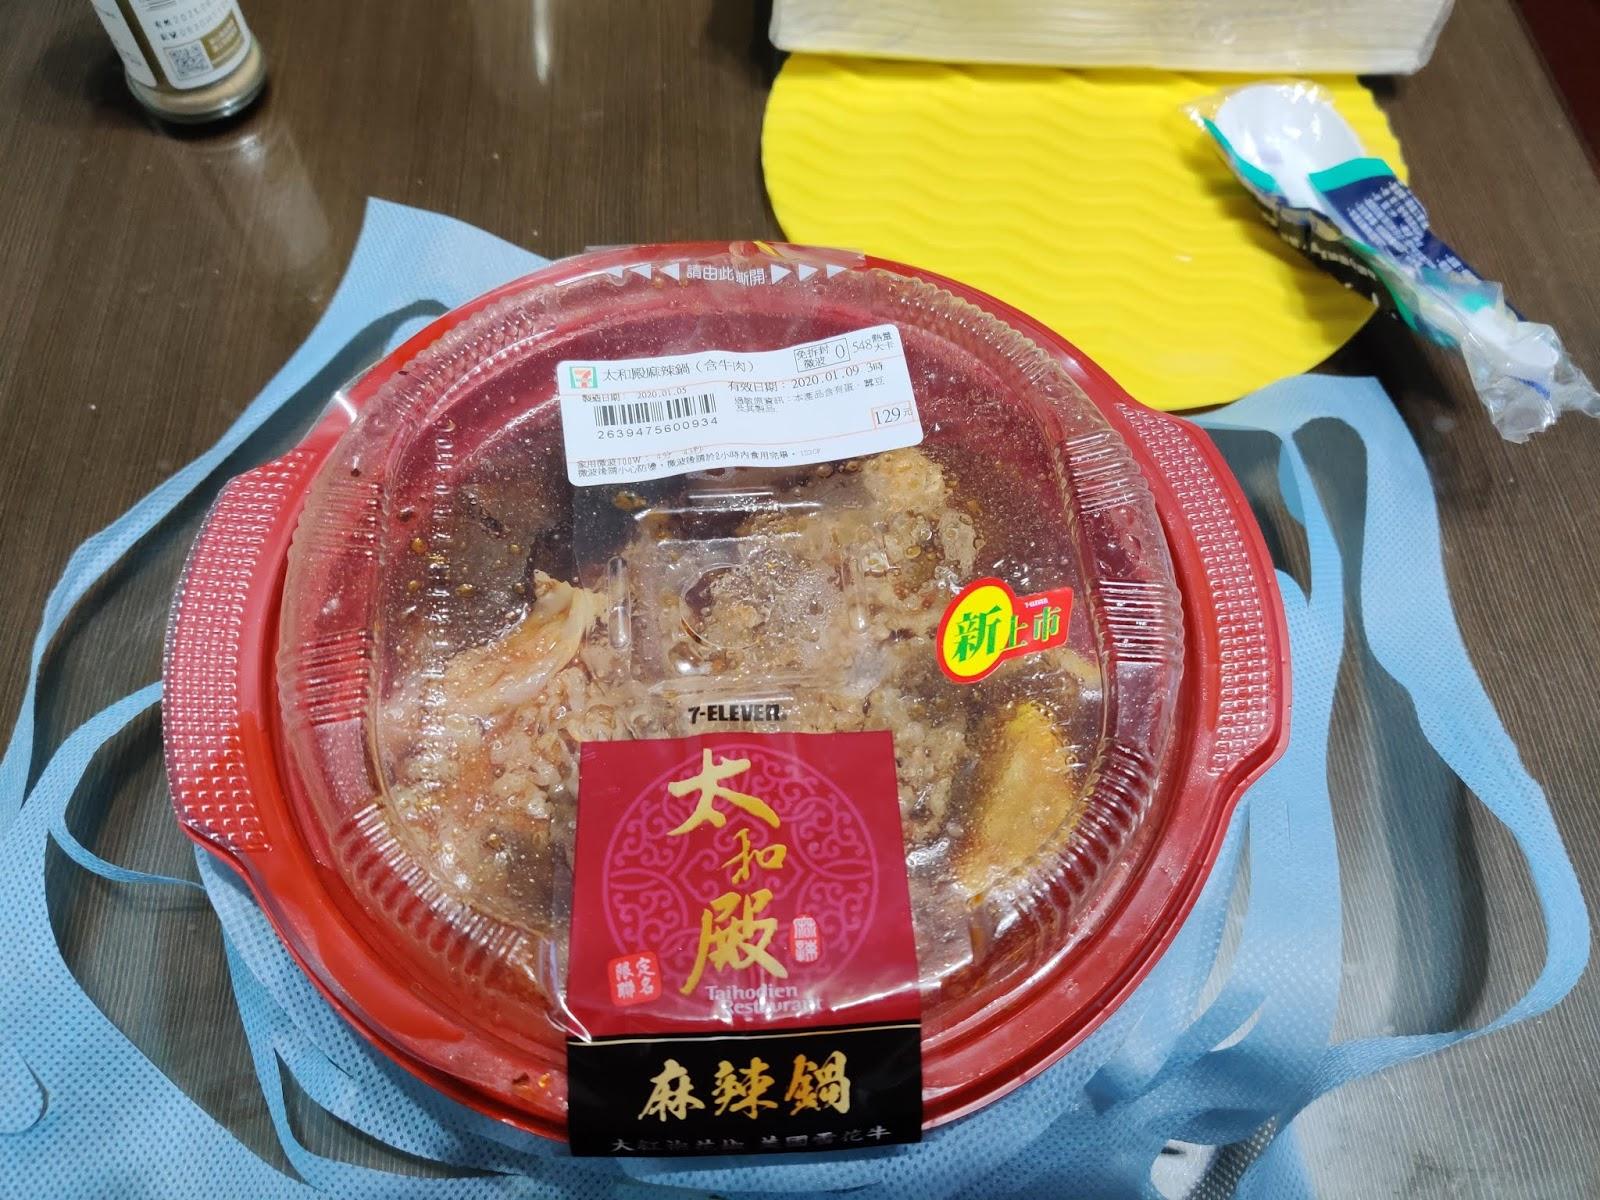 日常吃評 - 7-11 太和殿麻辣鍋(含牛肉) 2020版 X(